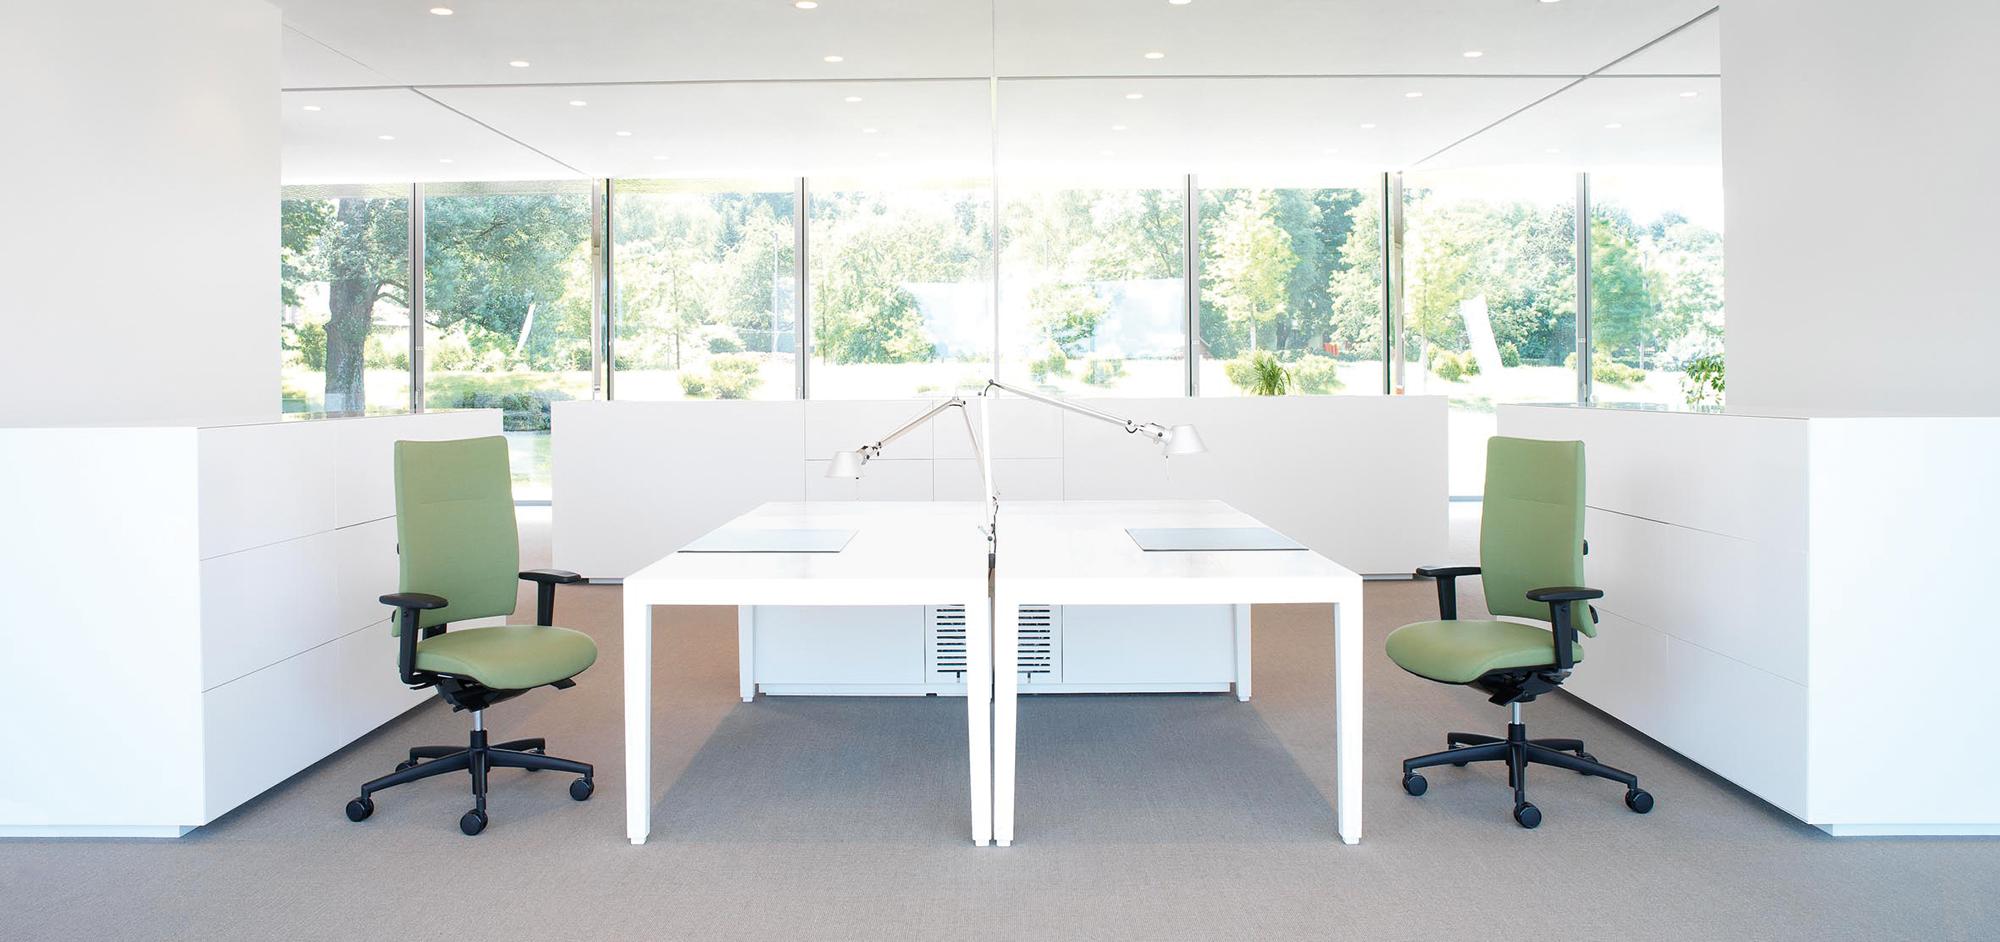 Schön Delta Büromöbel Zeitgenössisch - Die Designideen für ...